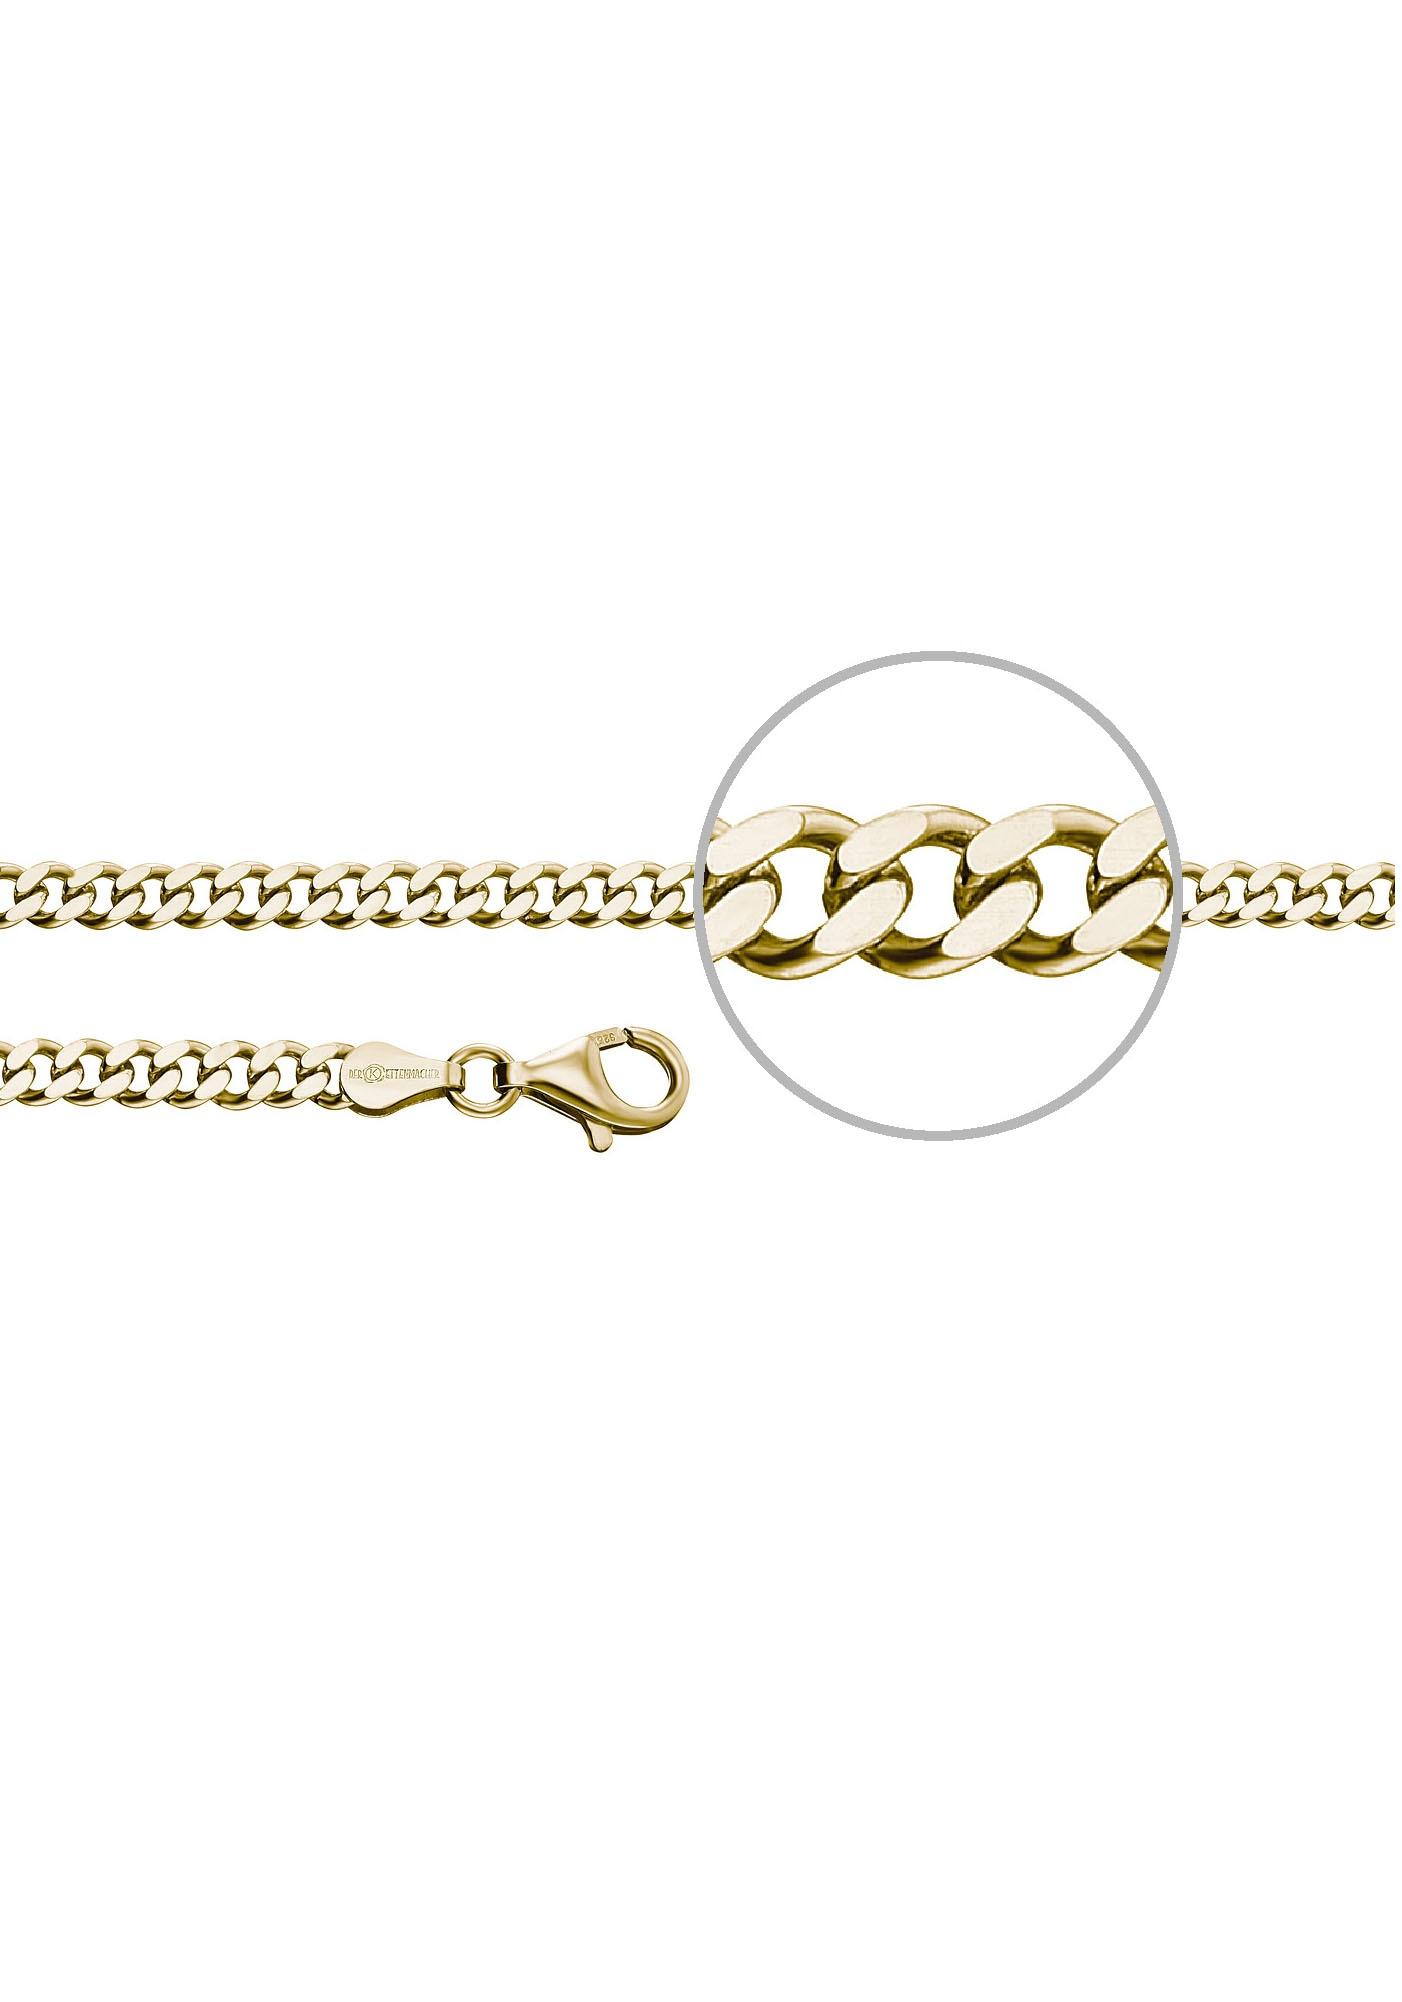 Der Kettenmacher Silberkette »Panzerkette diamantiert, ca. 4,0 mm breit, P4 günstig online kaufen